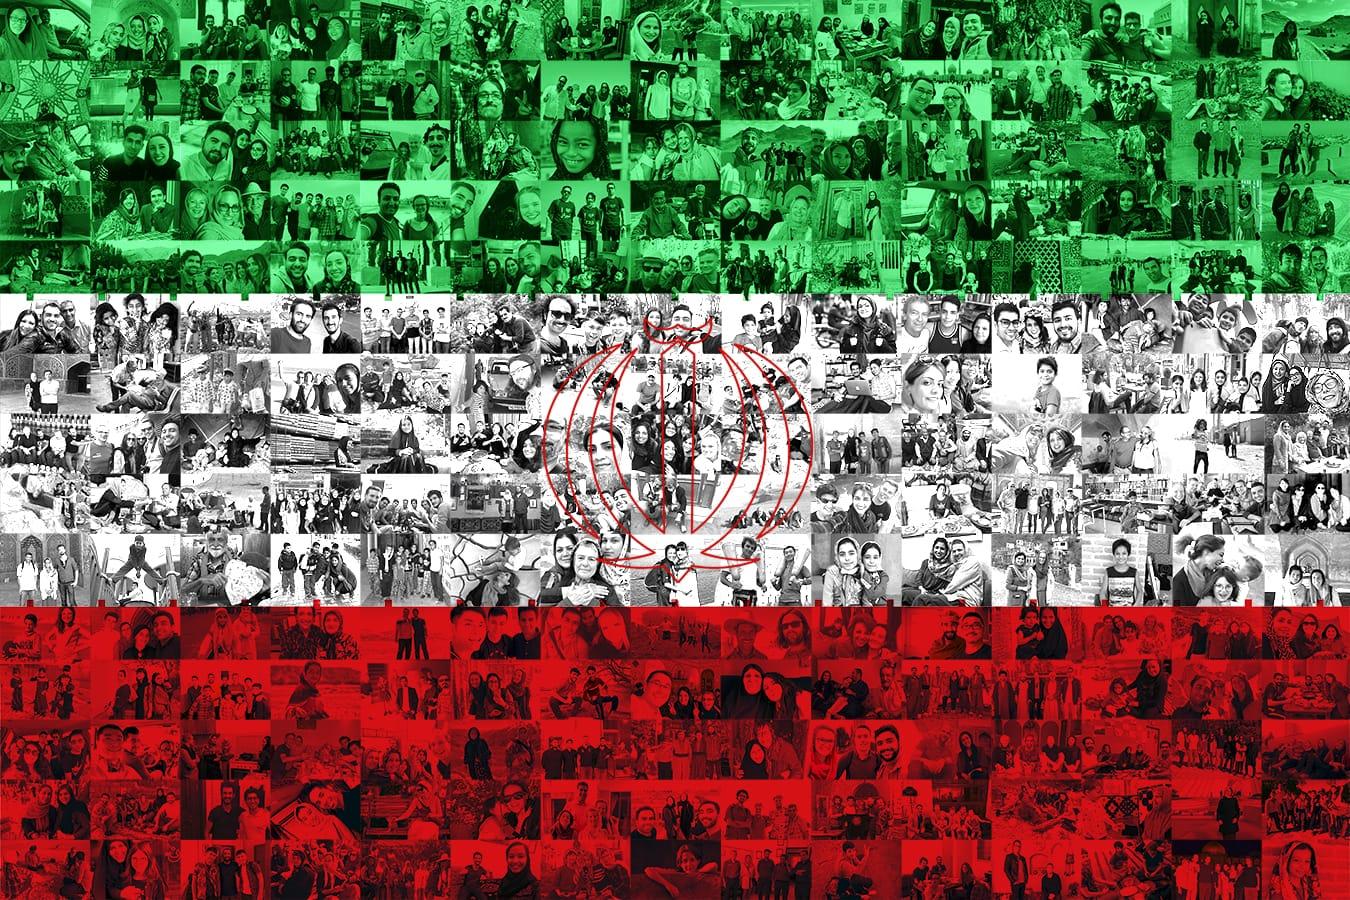 پرچم ایران - نمایشگاه نور چشمم